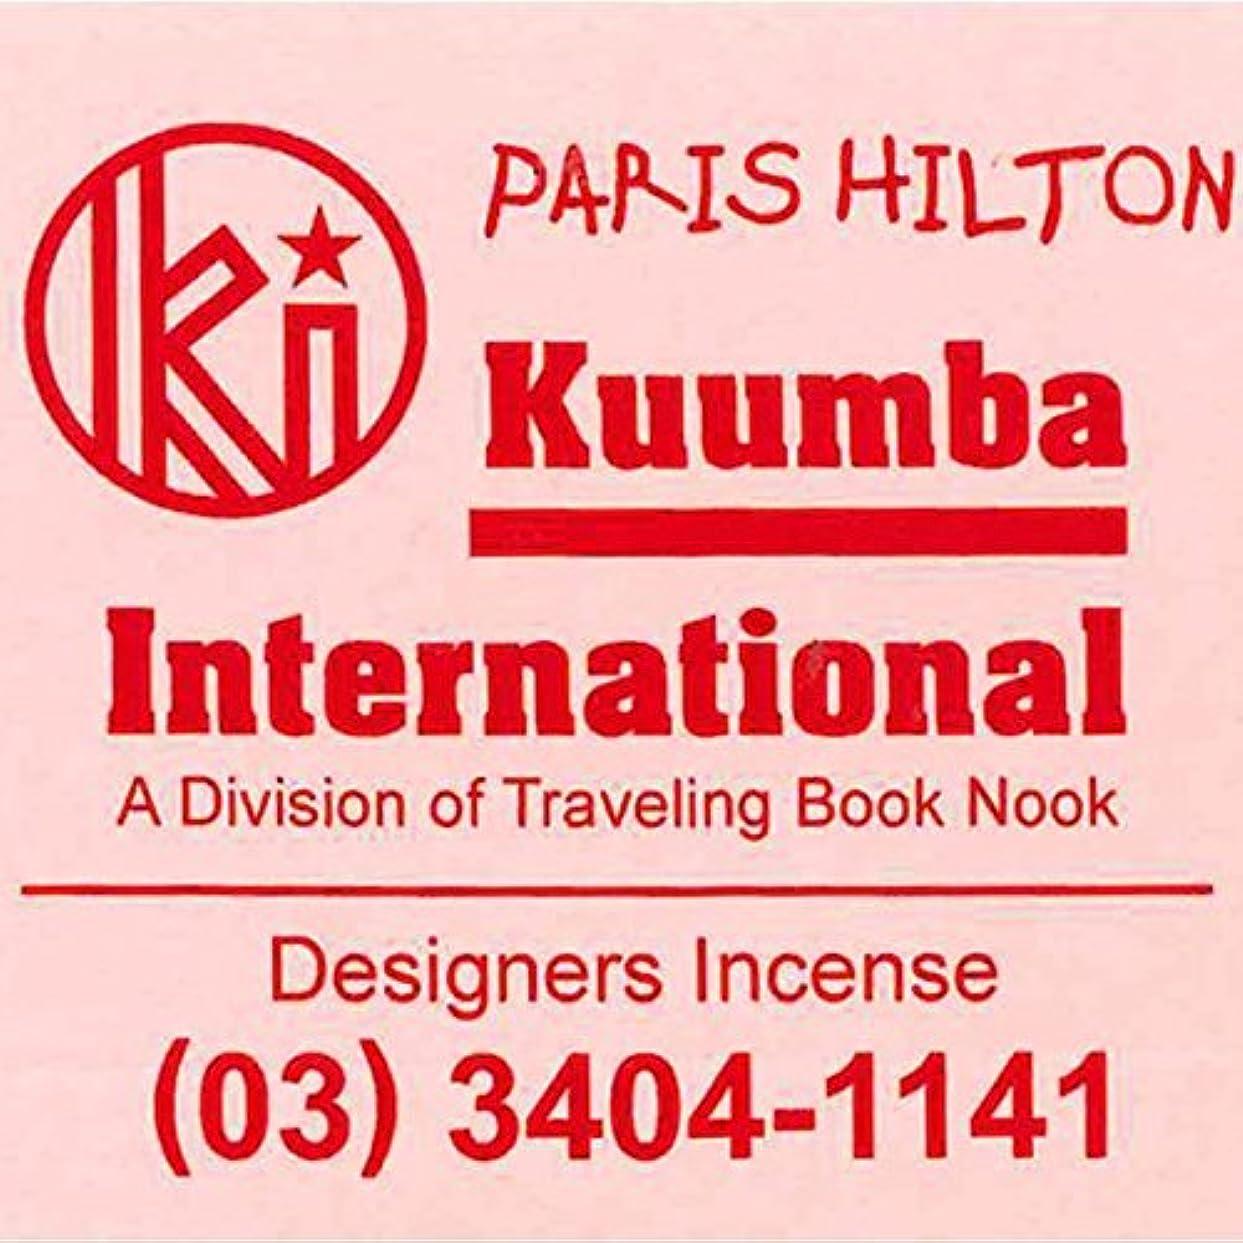 報いるソーシャル改善KUUMBA/クンバ『incense』(PARIS HILTON パリスヒルトン)(Regular size レギュラーサイズ)